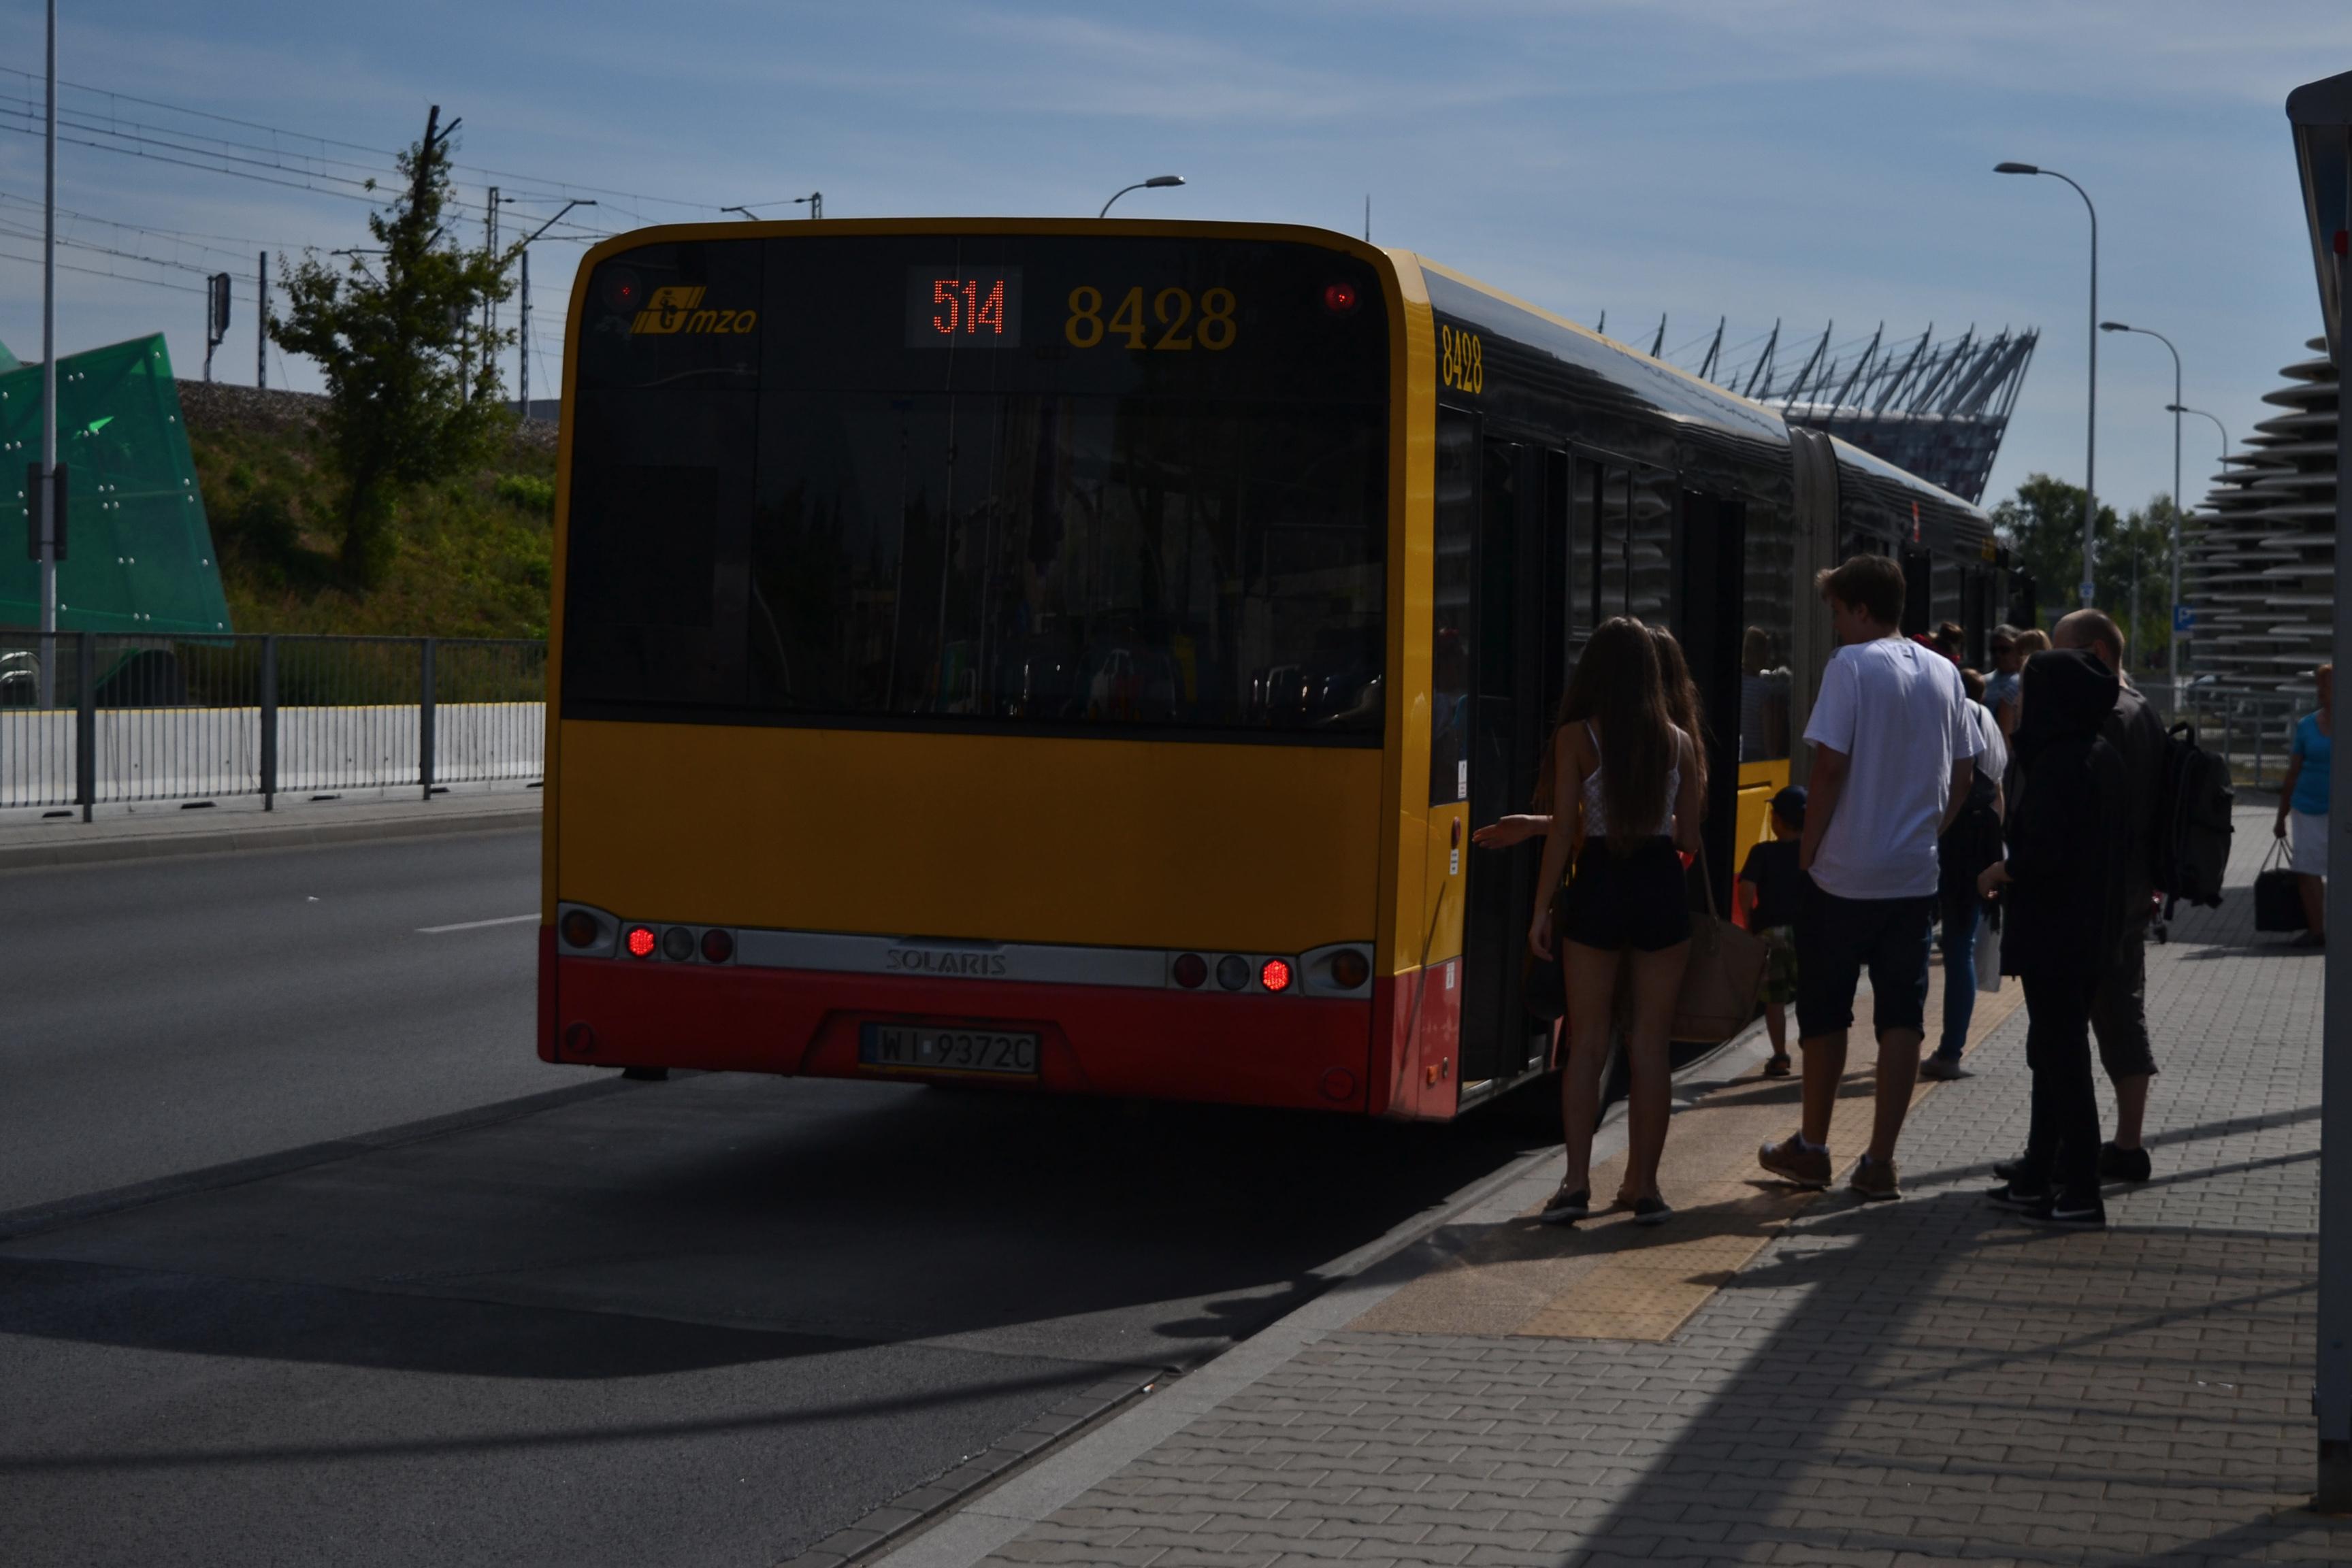 Wsiadam doautobusu 514 jadącego wkierunku Wesołej, 2015